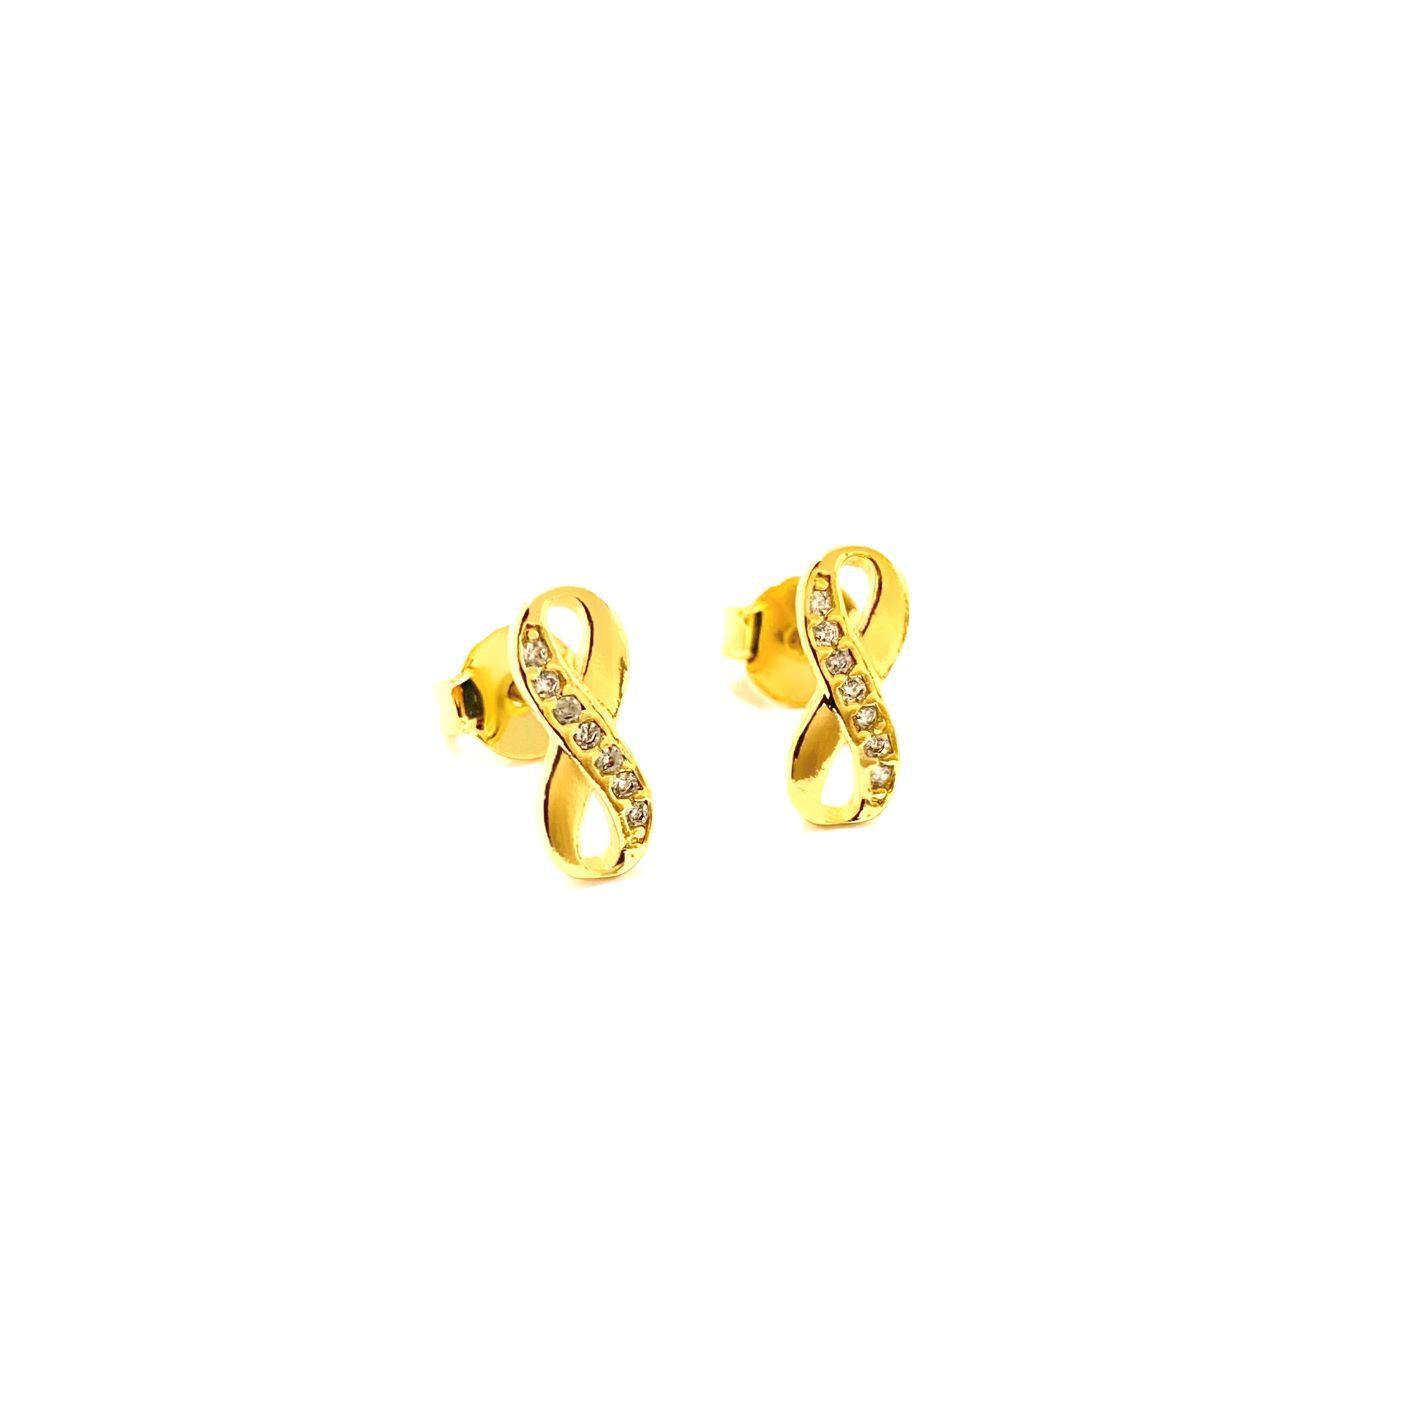 Brinco Símbolo Infinito Cravejado em Zircônia (Banho Ouro 24k)